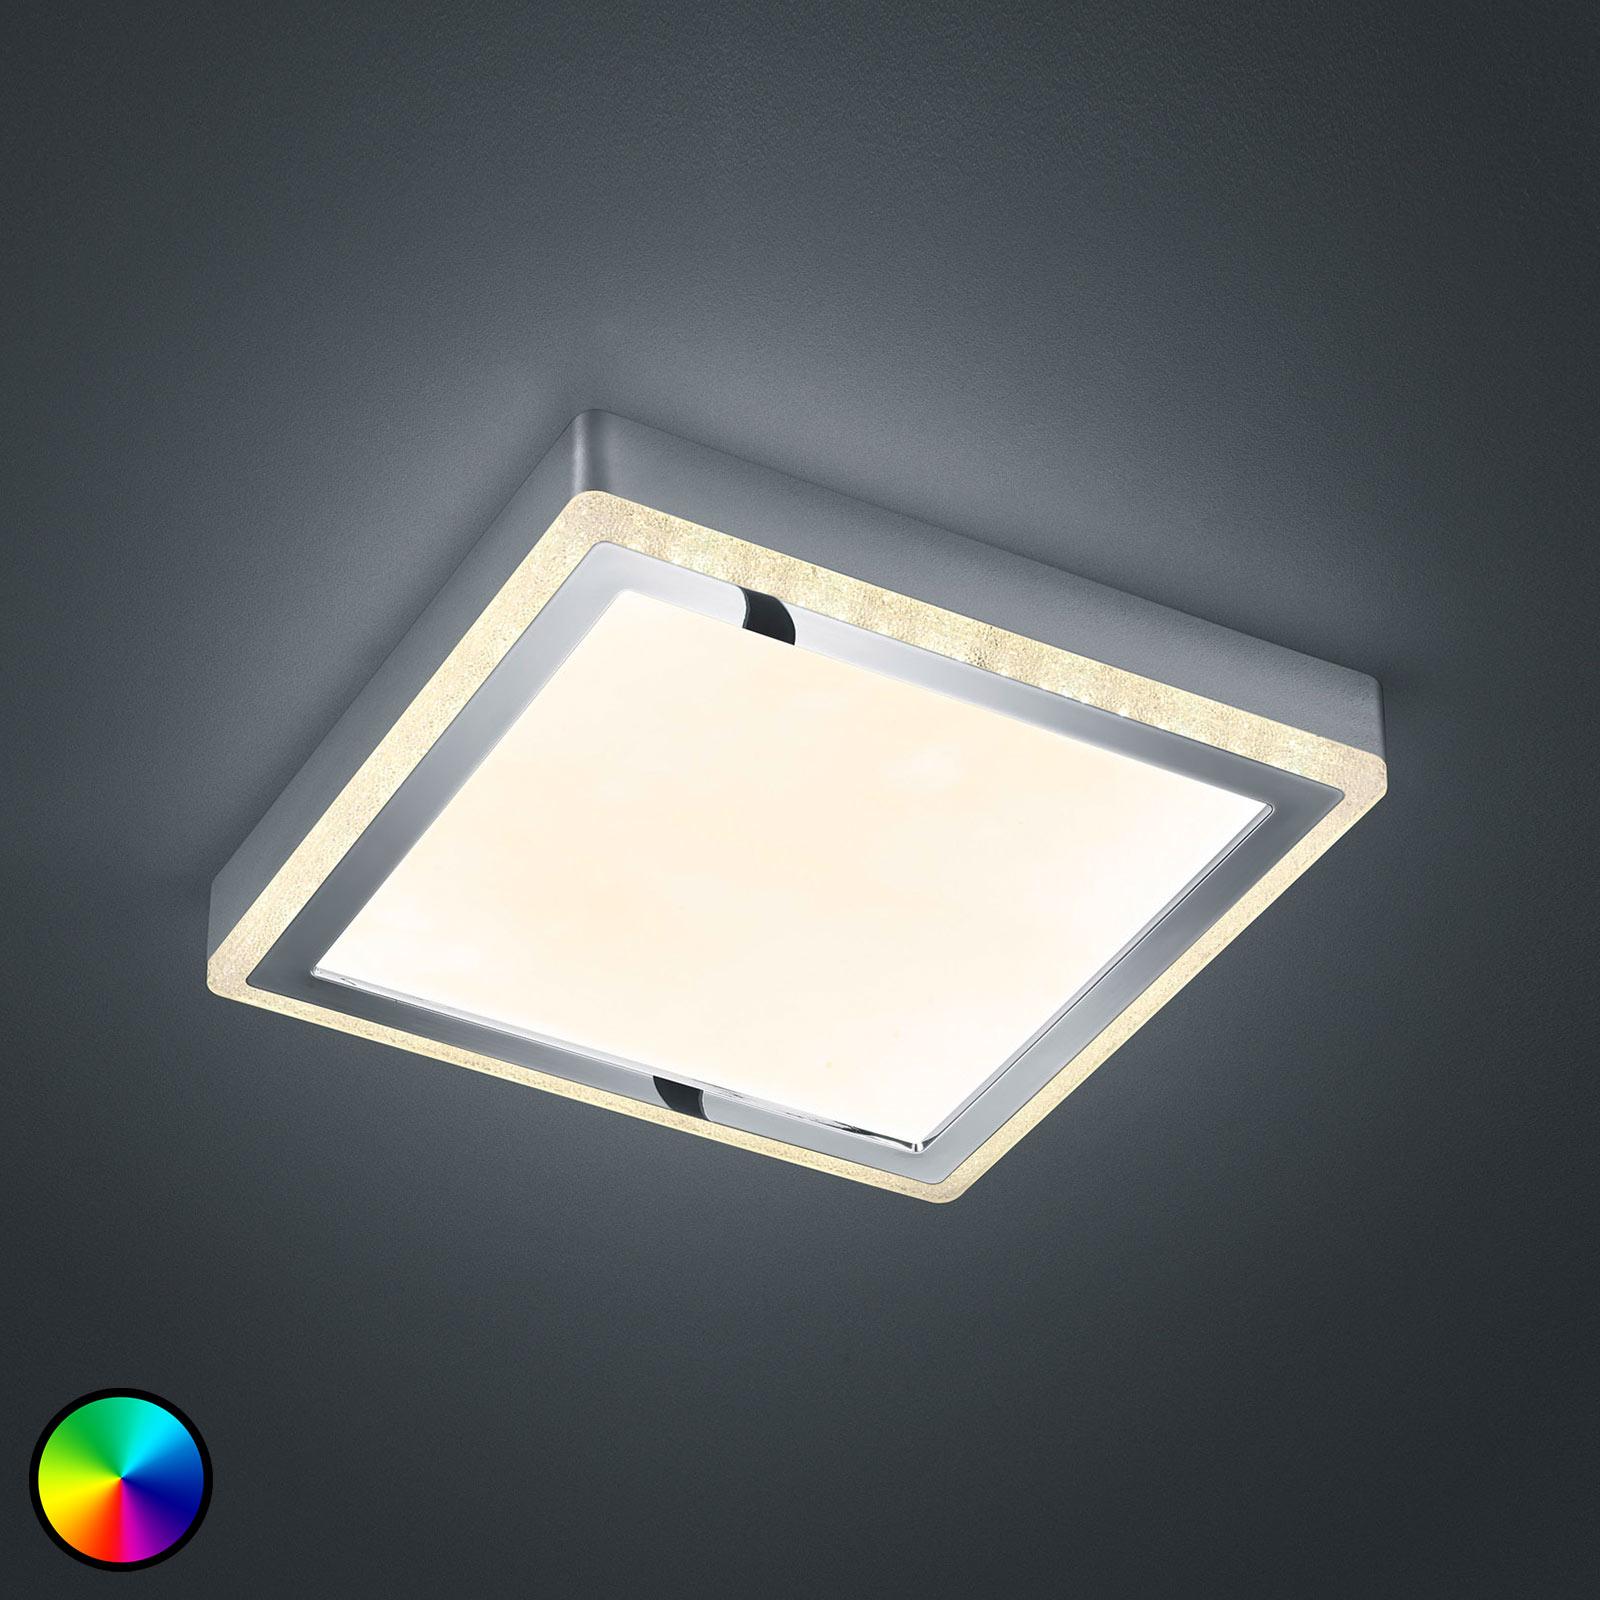 Lampa sufitowa LED Slide, biała, kątowa, 25x25cm